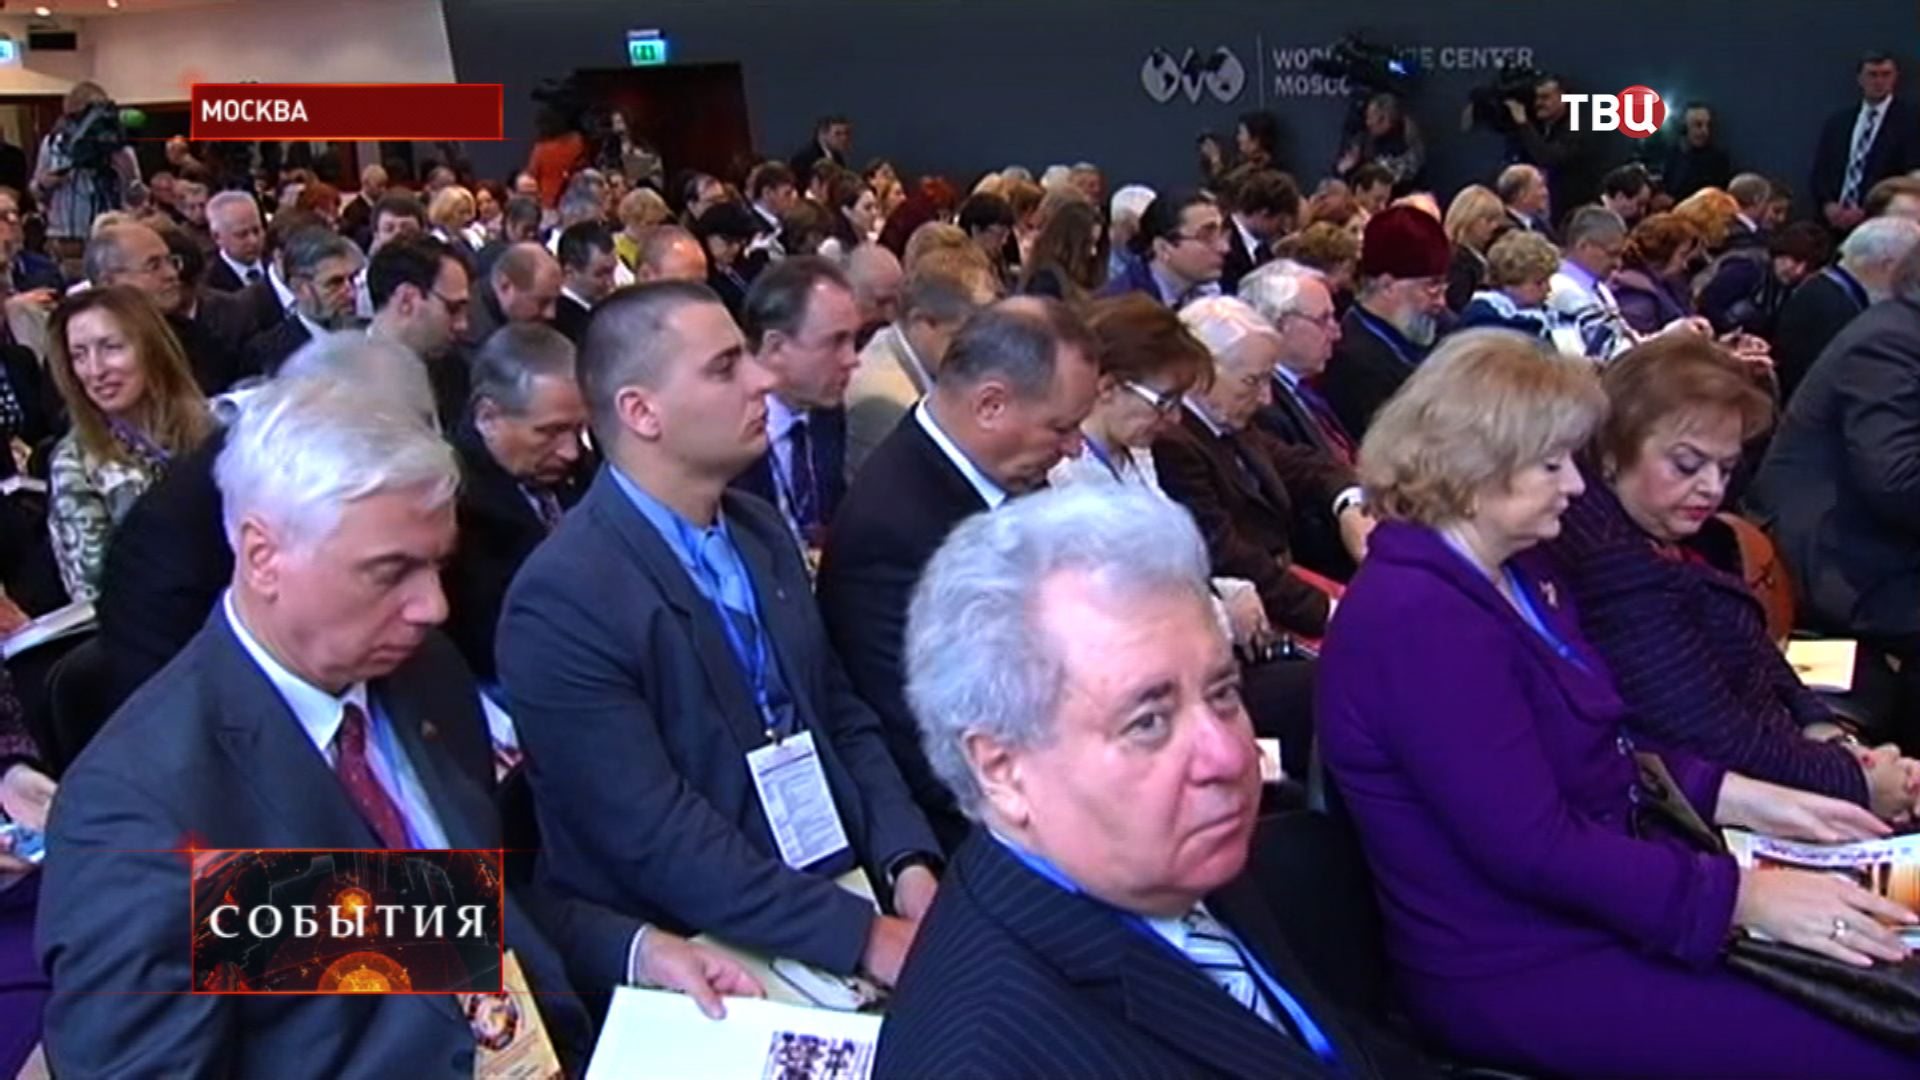 Конеференция в Москве